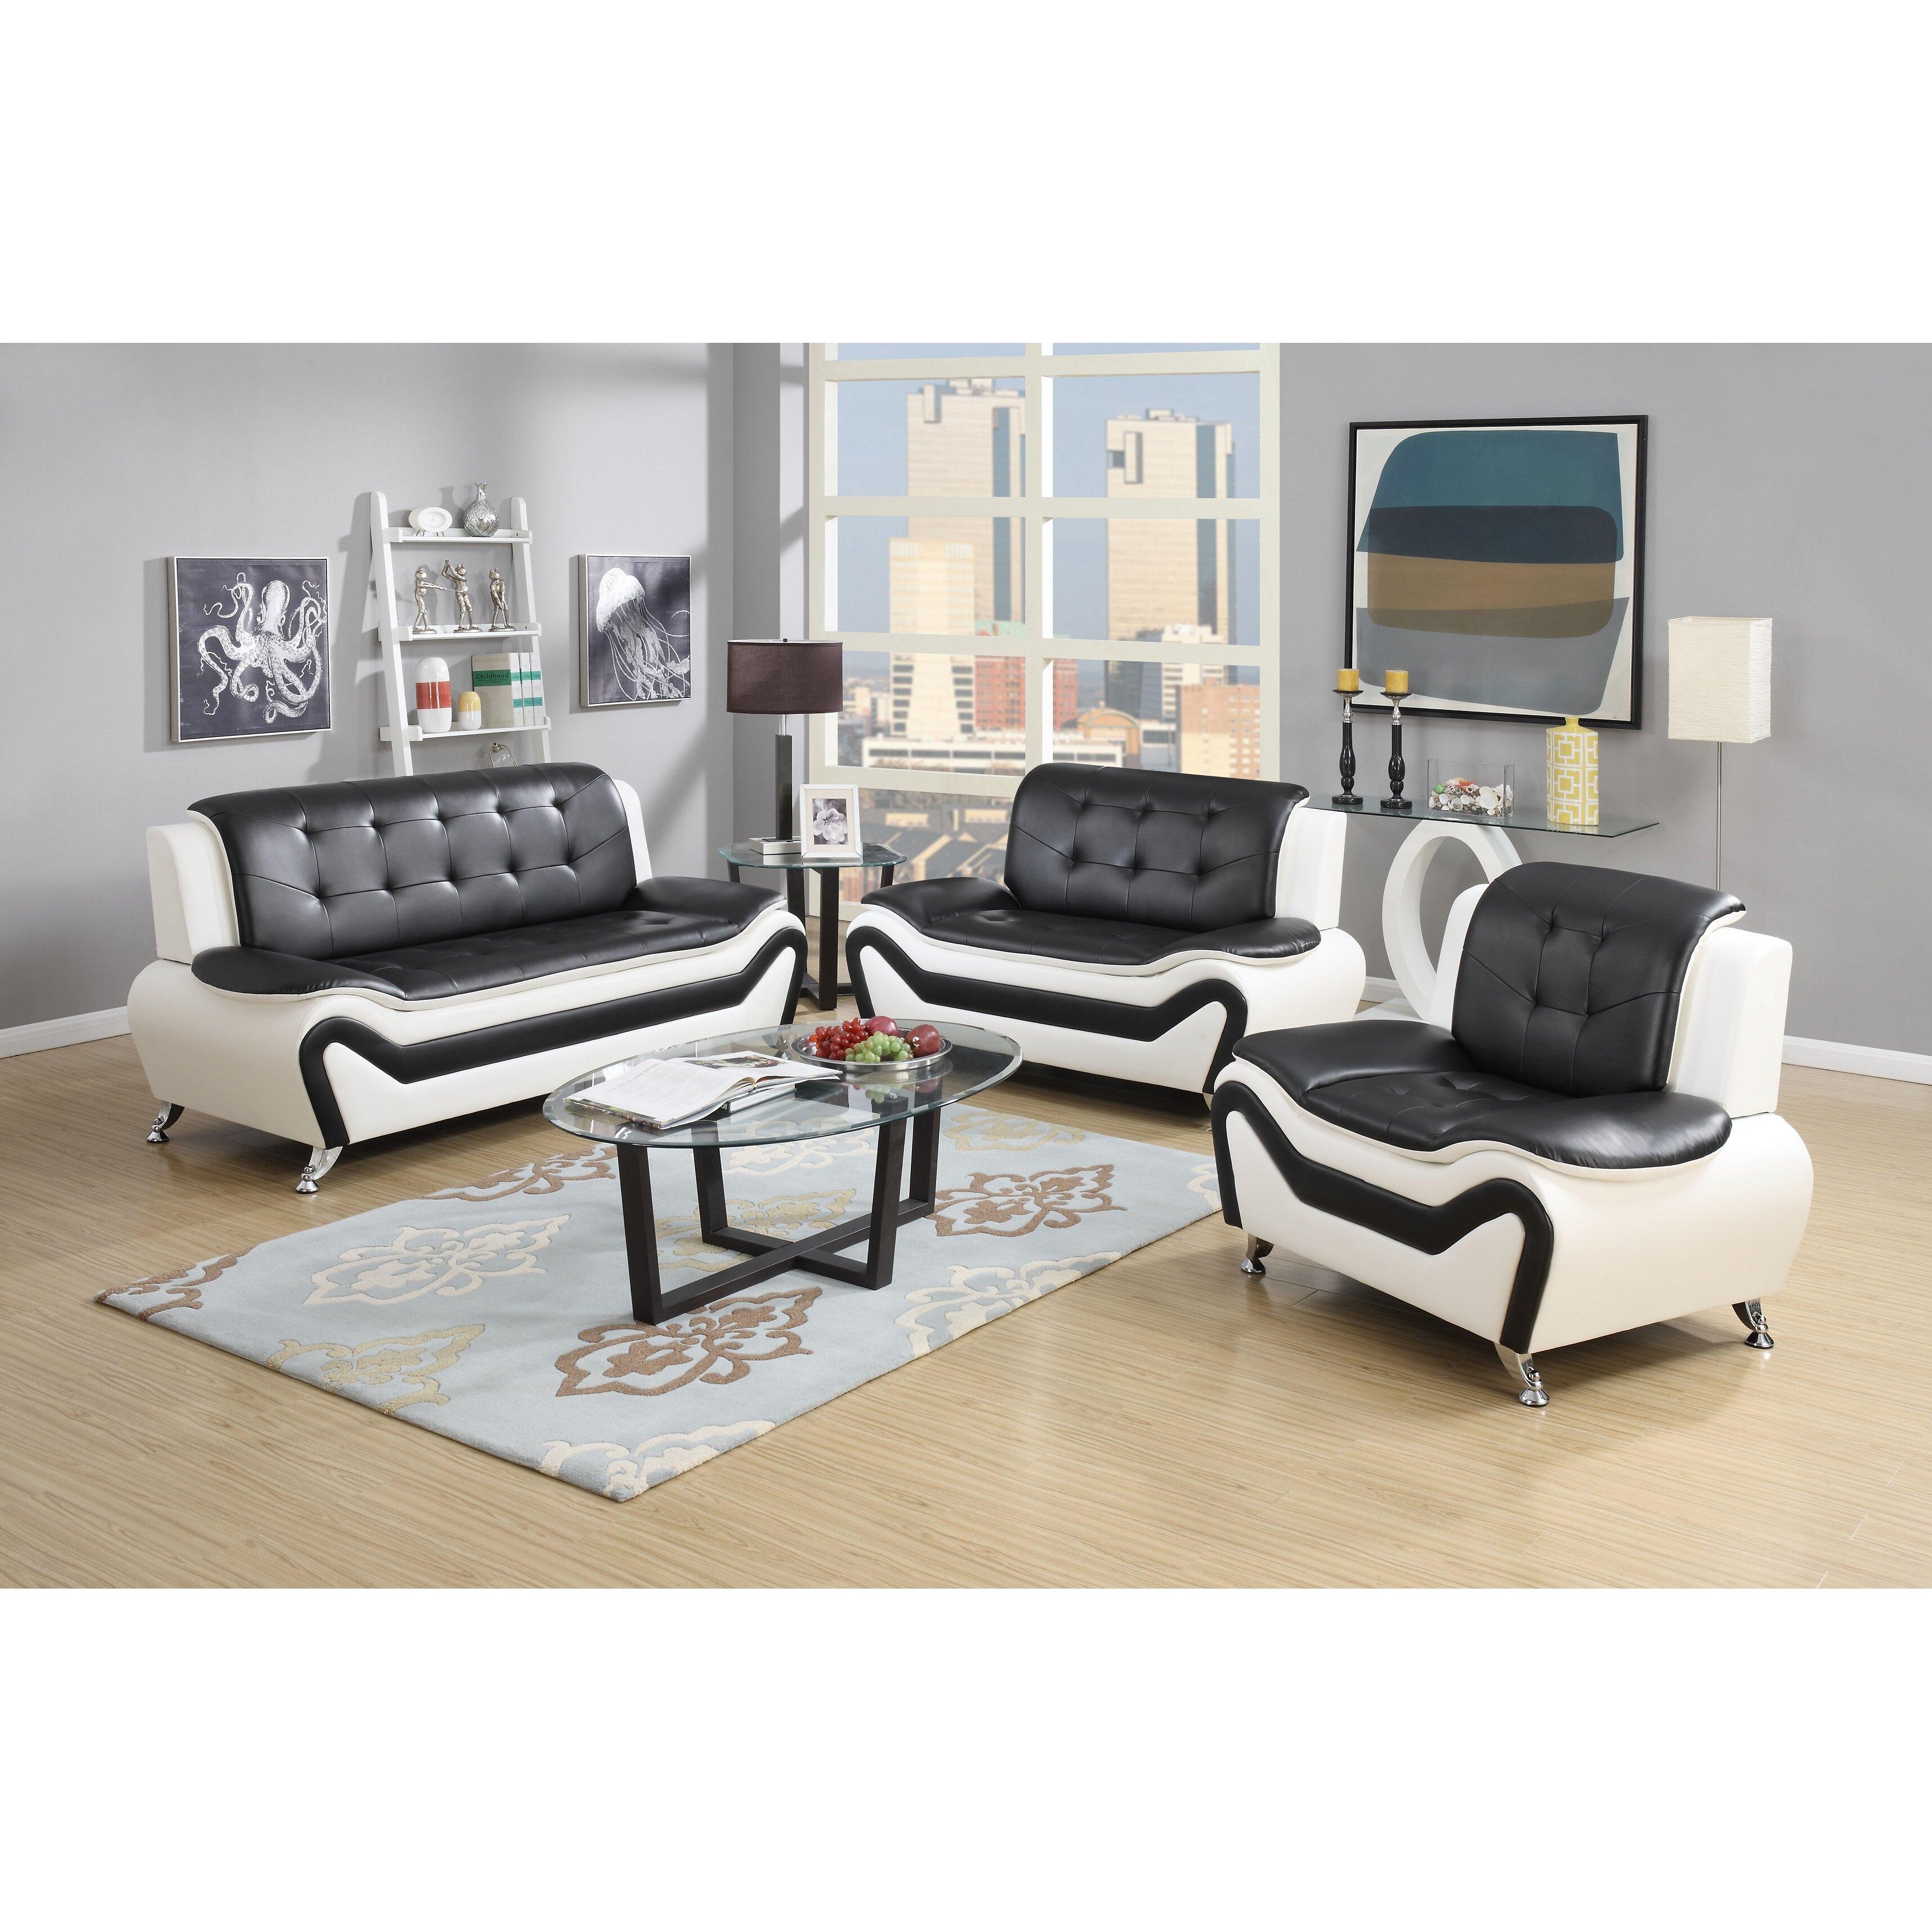 Latitude Run Elzada 3 Piece Contemporary Living Room SetReviews